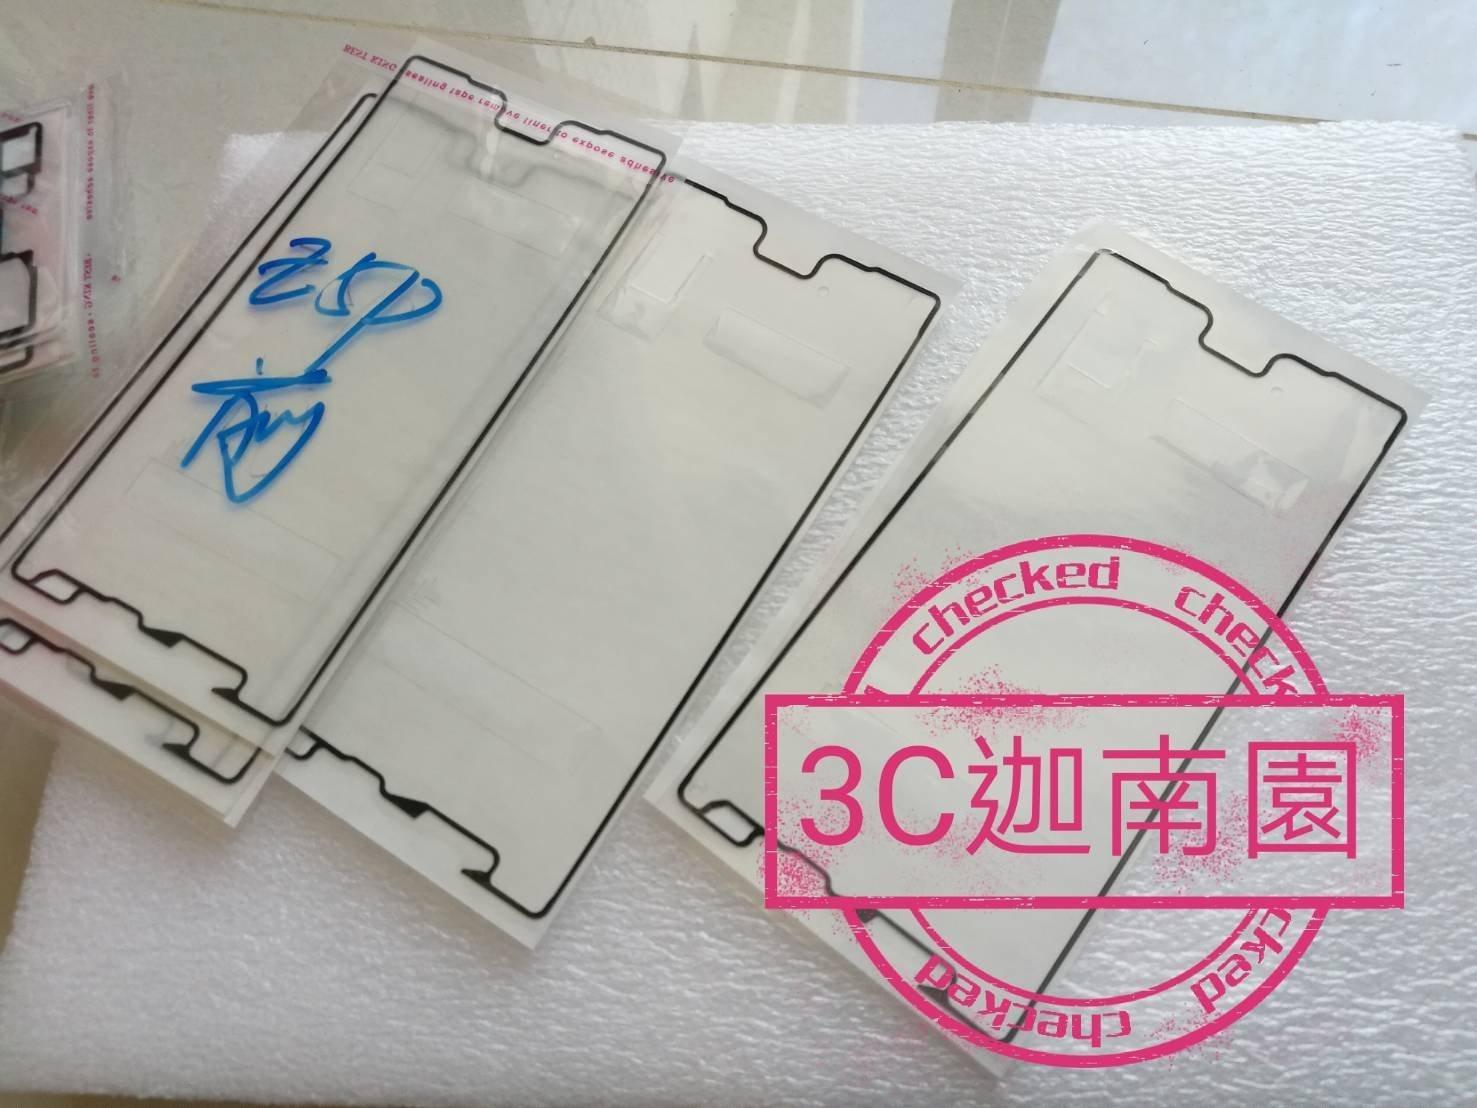 【3M IP防水級】 SONY Xperia Z5 premium Z5P原廠螢幕膠 前背膠 面板背膠 黏膠 防水膠條